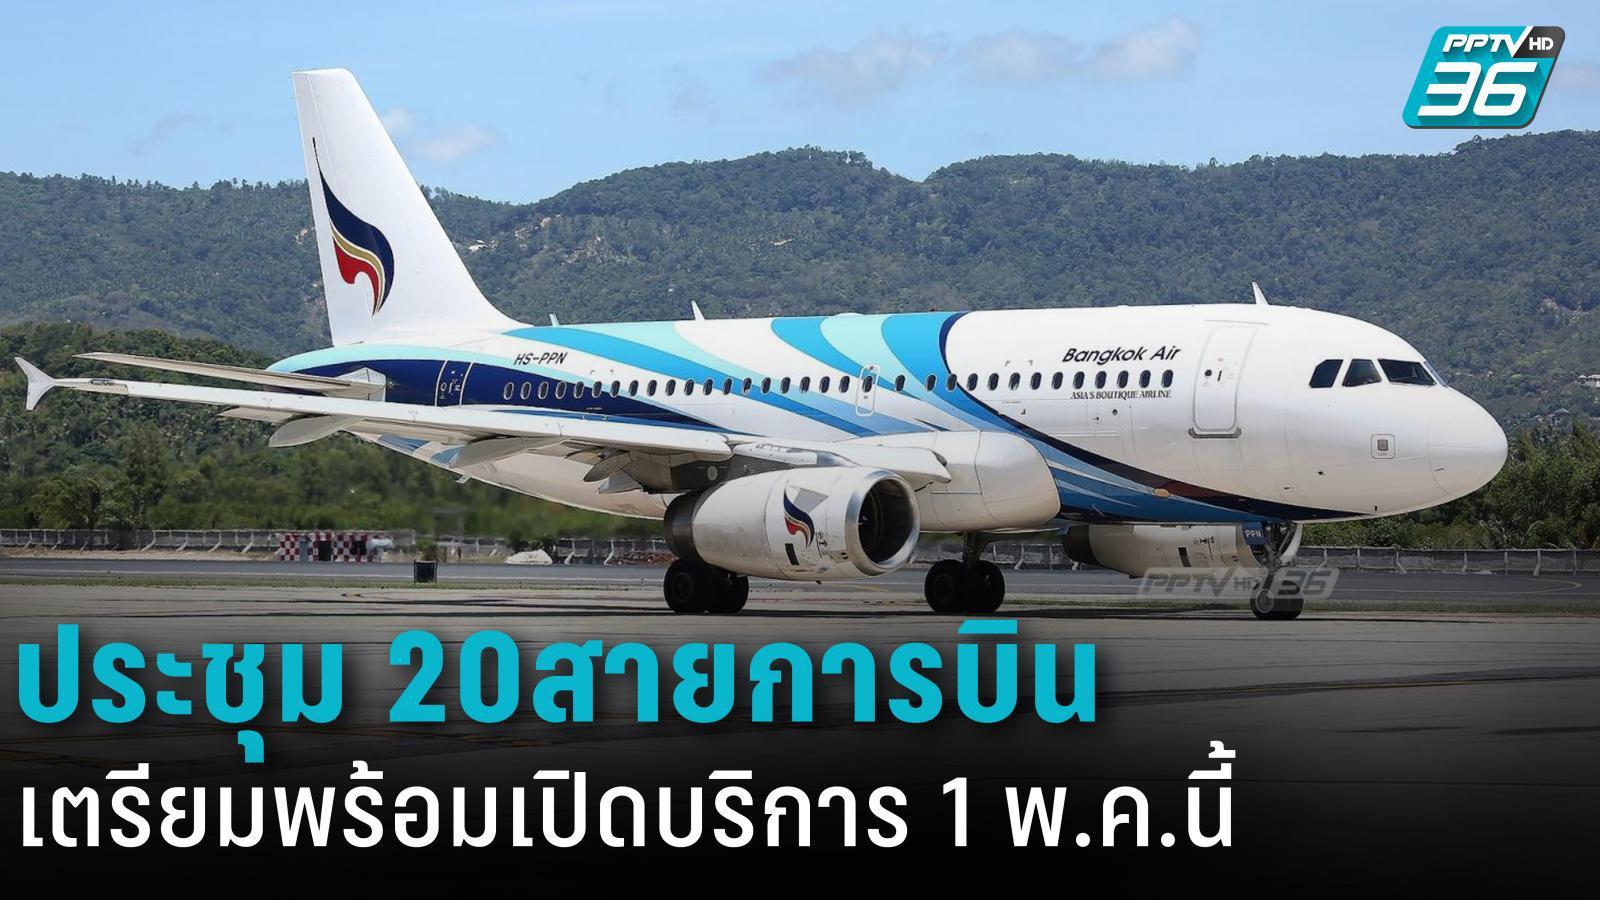 การบินพลเรือนฯ ถก 20 สายการบิน เตรียมพร้อมเปิดบริการ 1 พ.ค.นี้